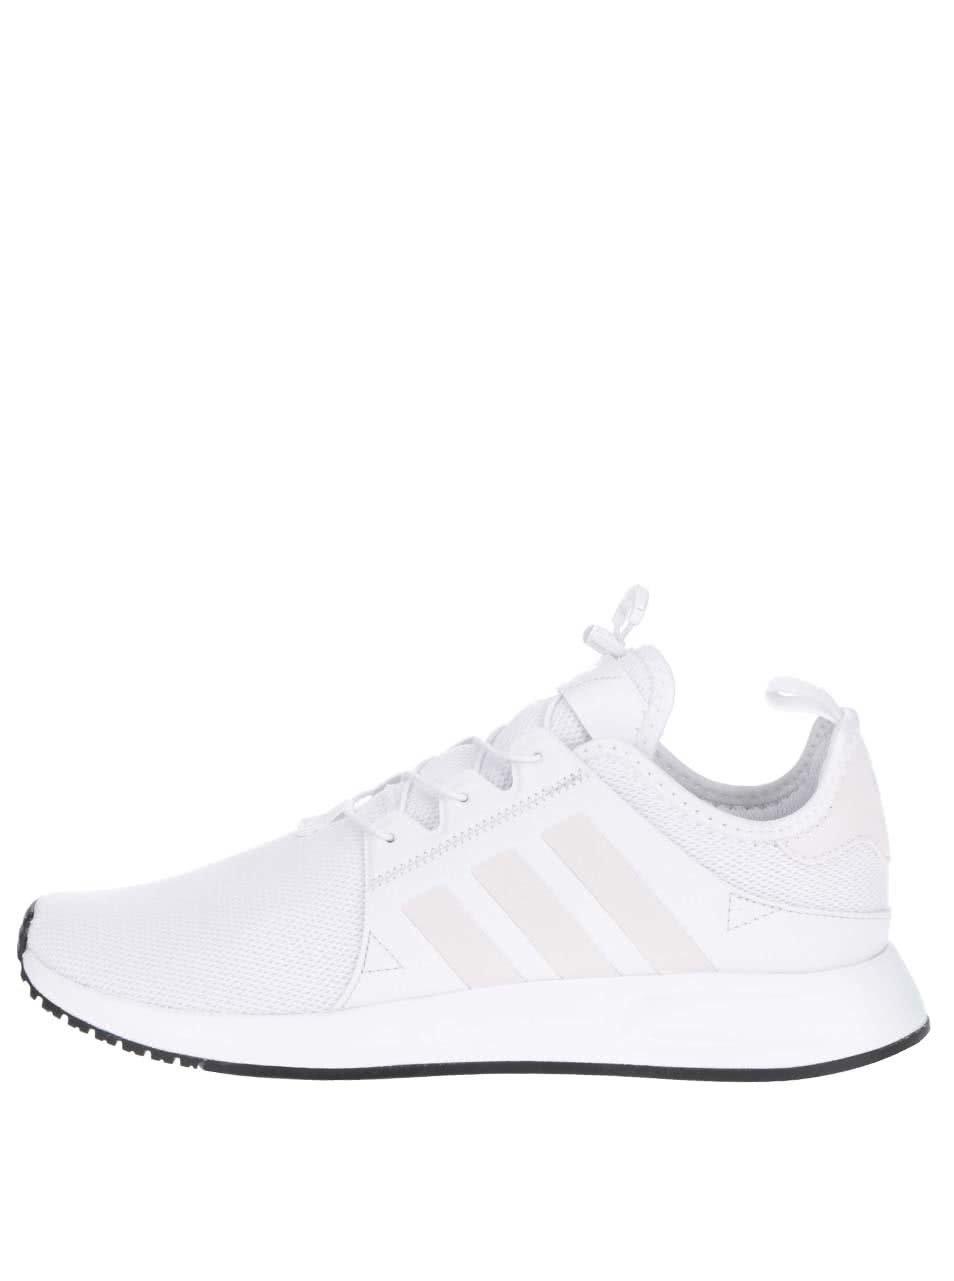 0612cd86ae219 Biele pánske tenisky adidas Originals X | ZOOT.sk